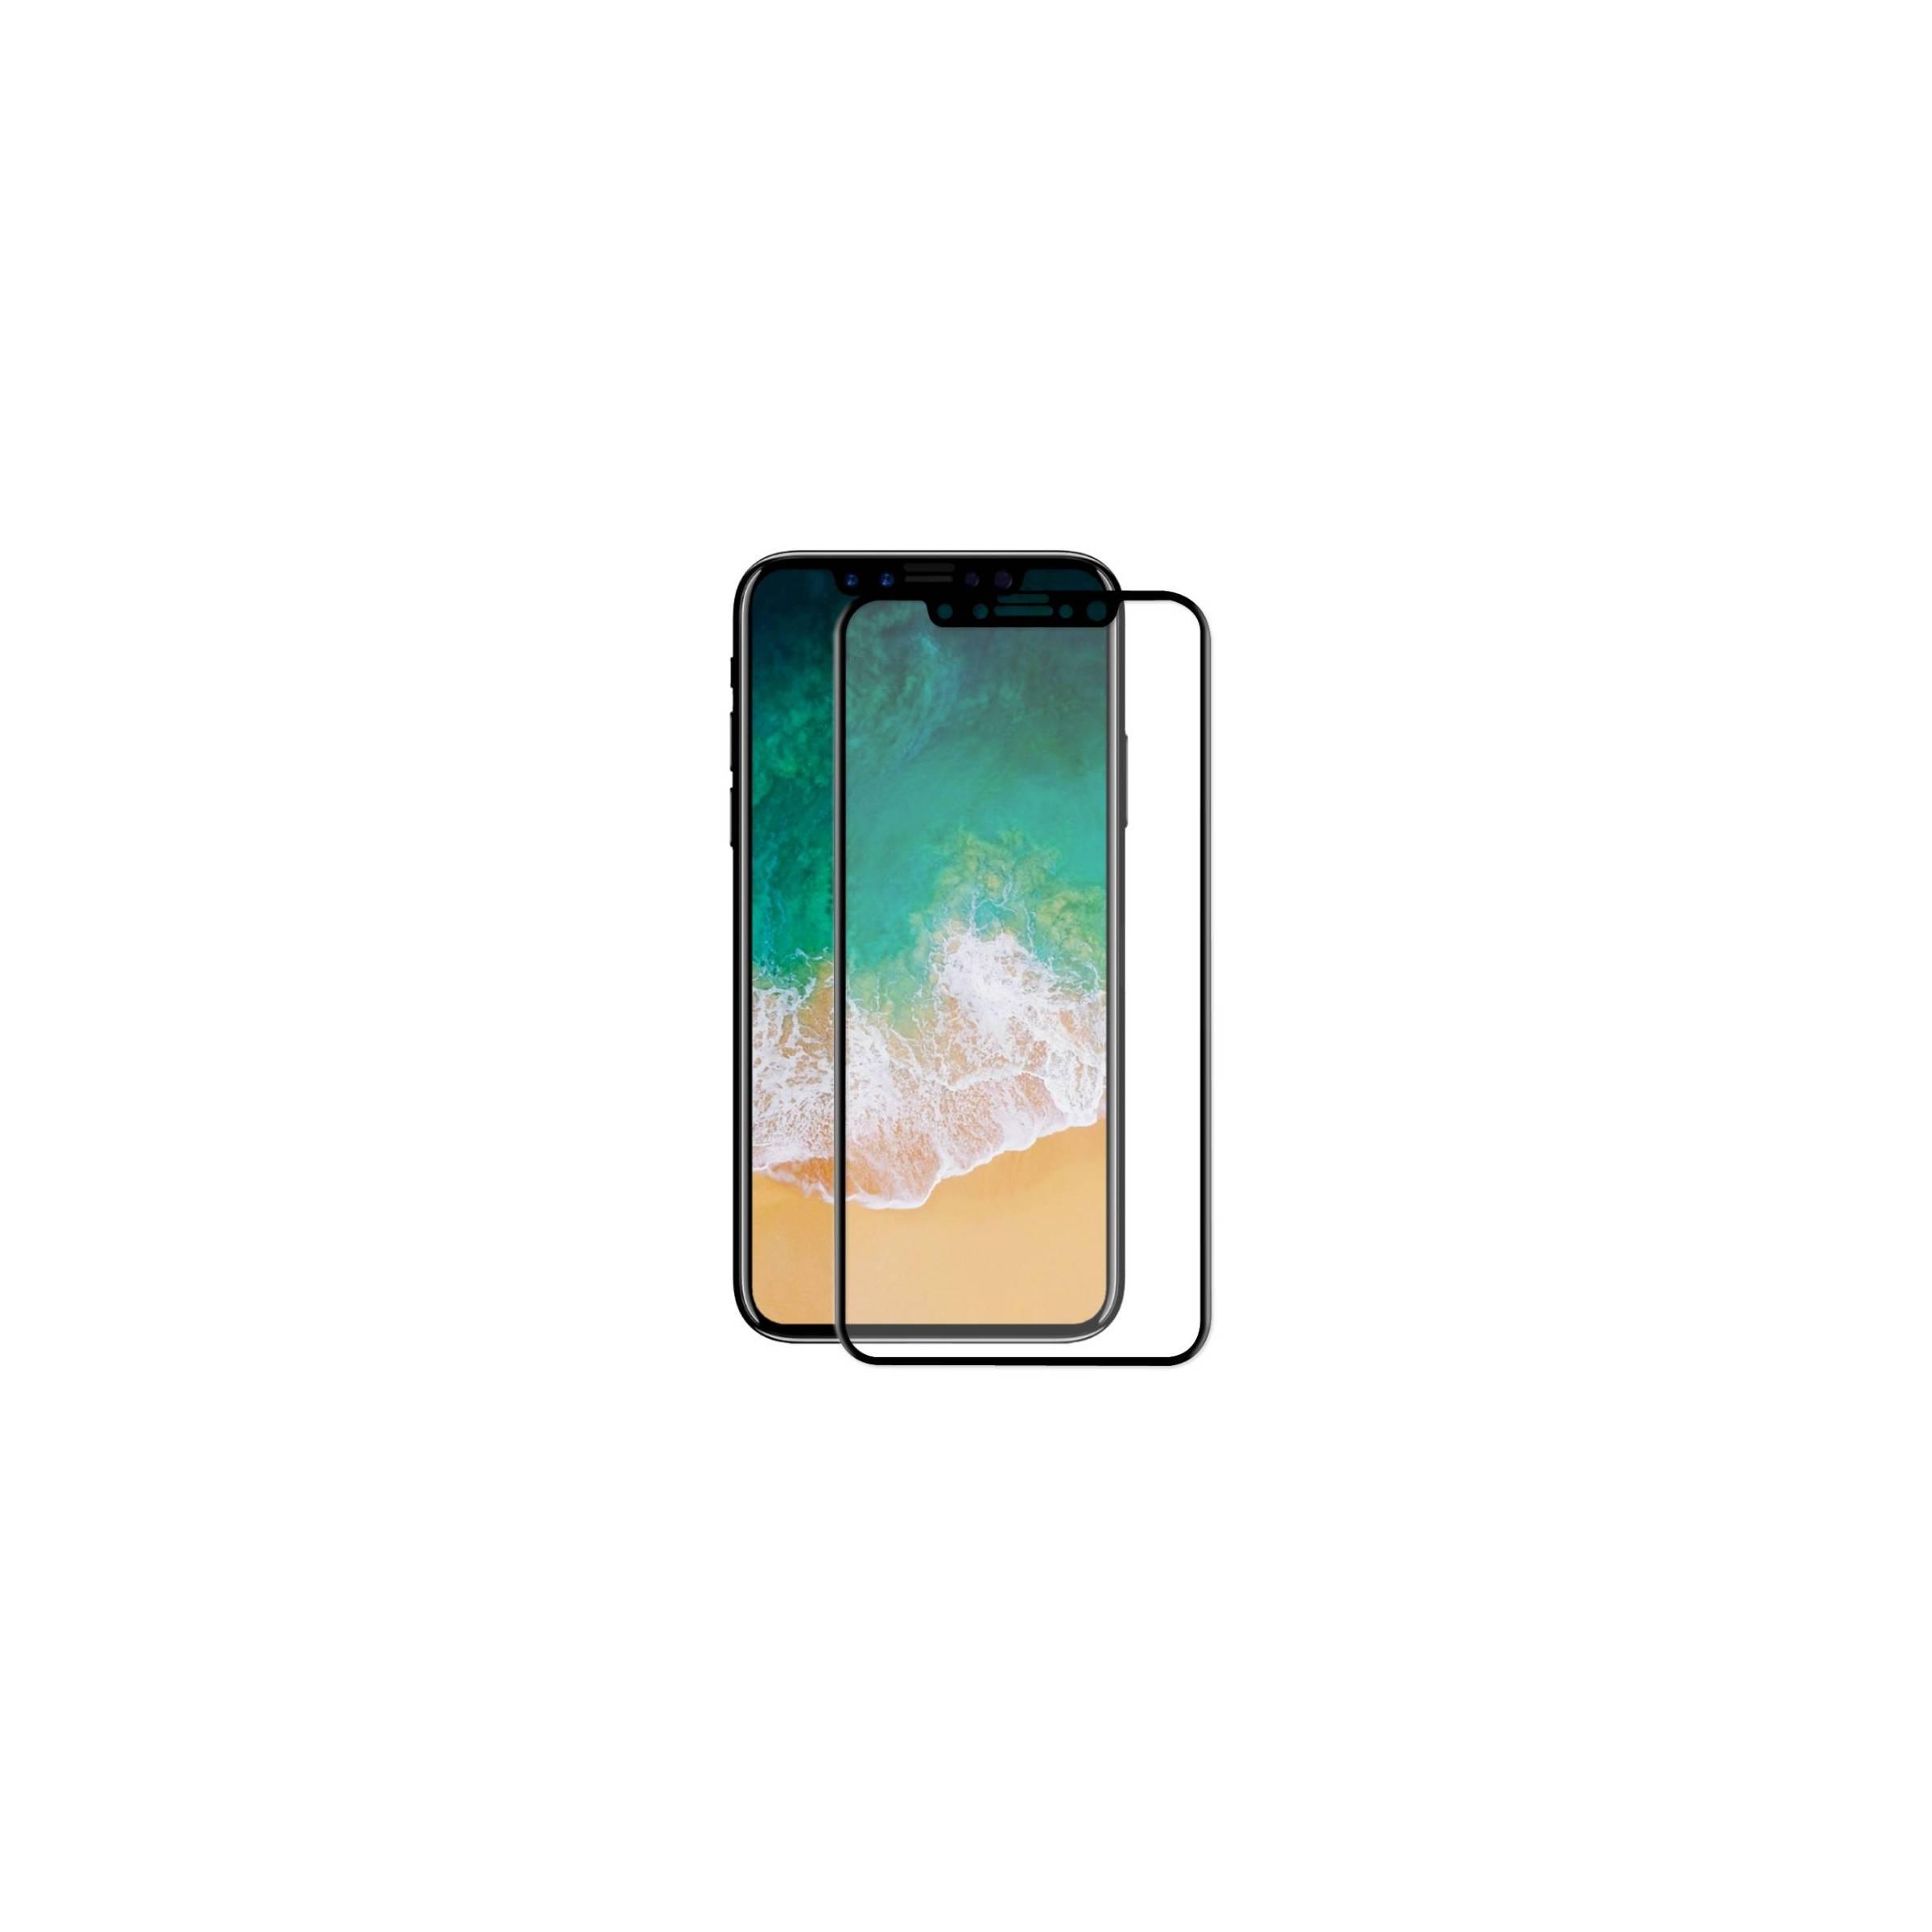 enkay – Beskyttelsesglas til iphone x/xs/11pro med sort kant 3d på mackabler.dk